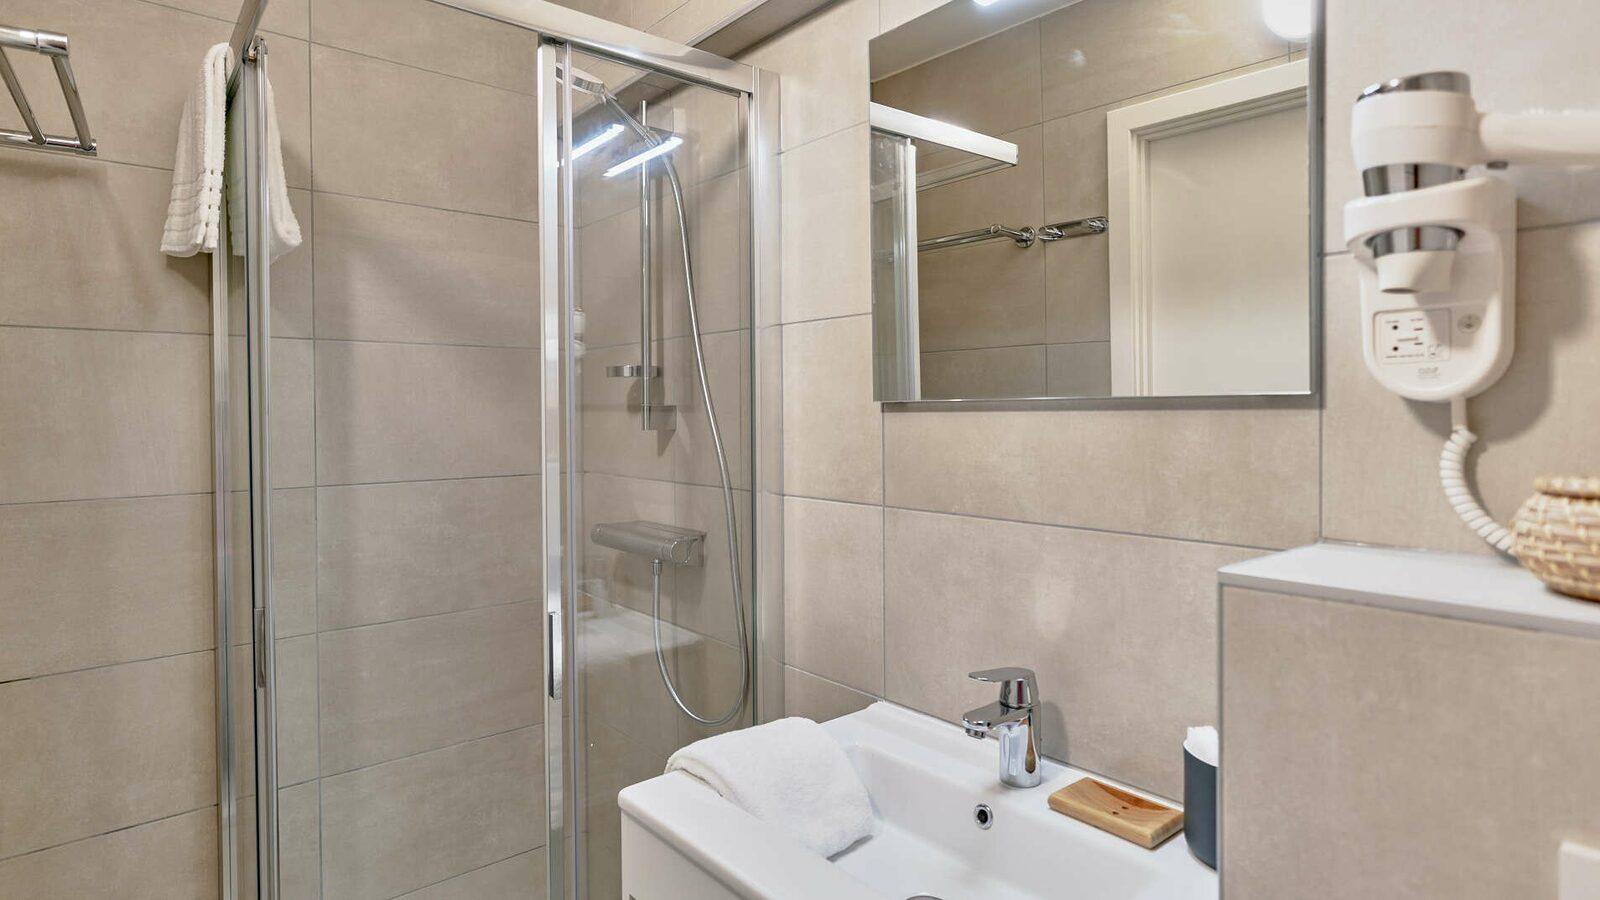 Comfort Suite - 6p | Chambre à coucher - Coin couchage - Canapé-lit | Balcon - Vue sur mer